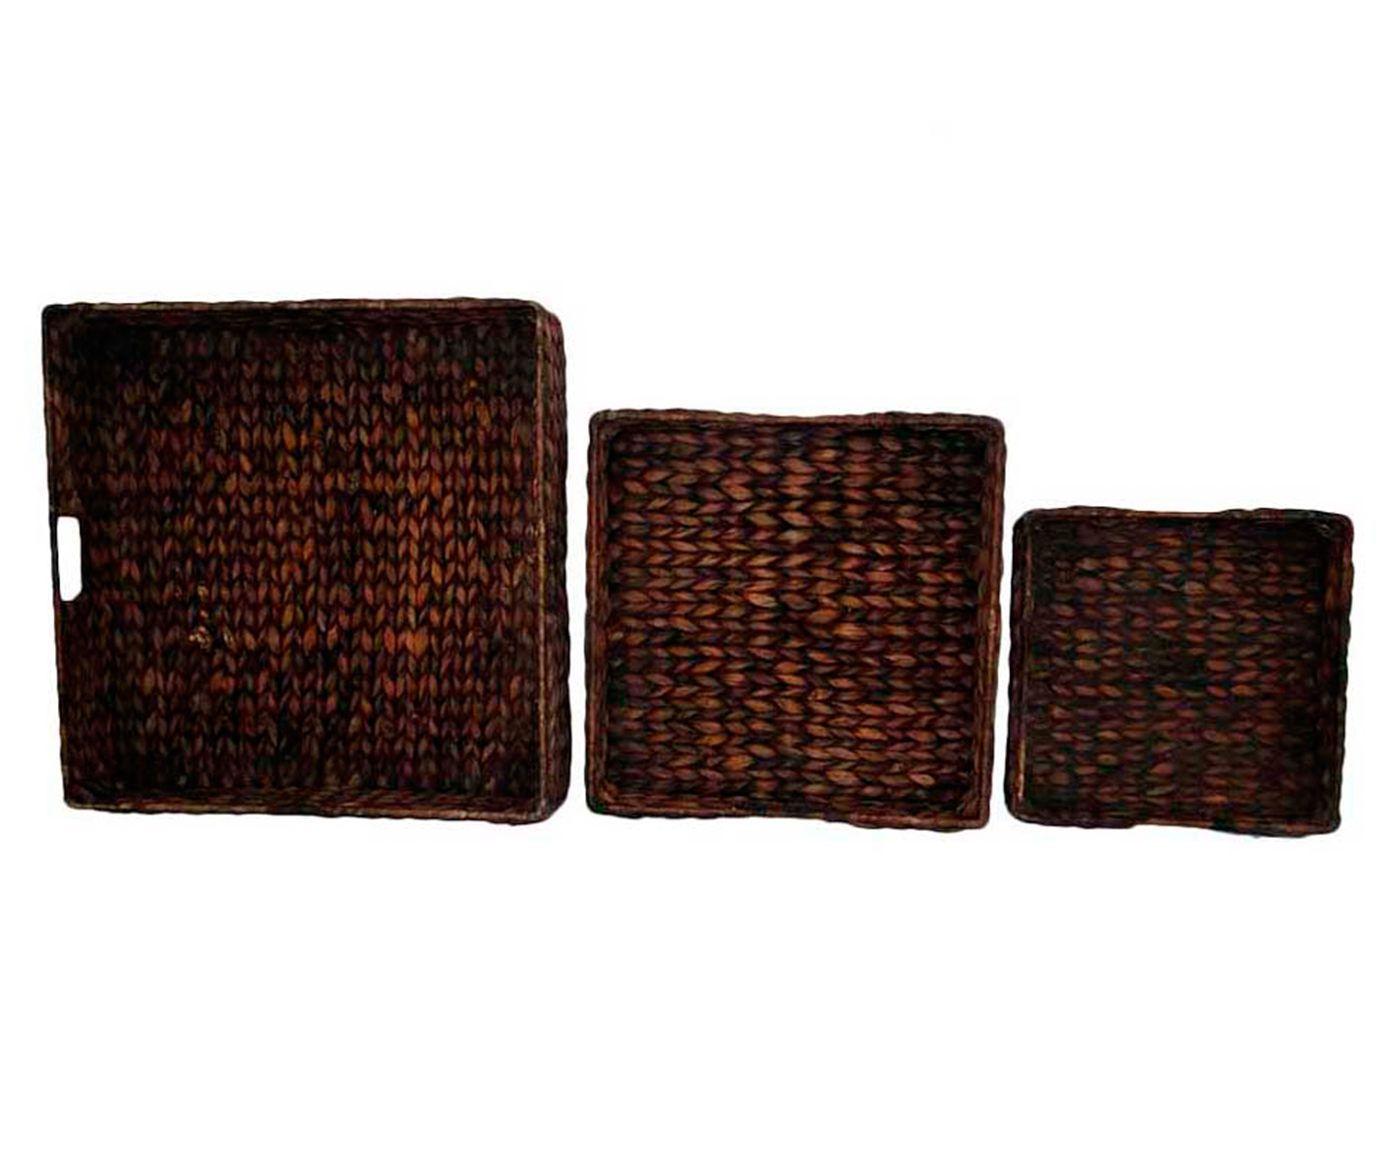 Conjunto de bandejas braided   Westwing.com.br